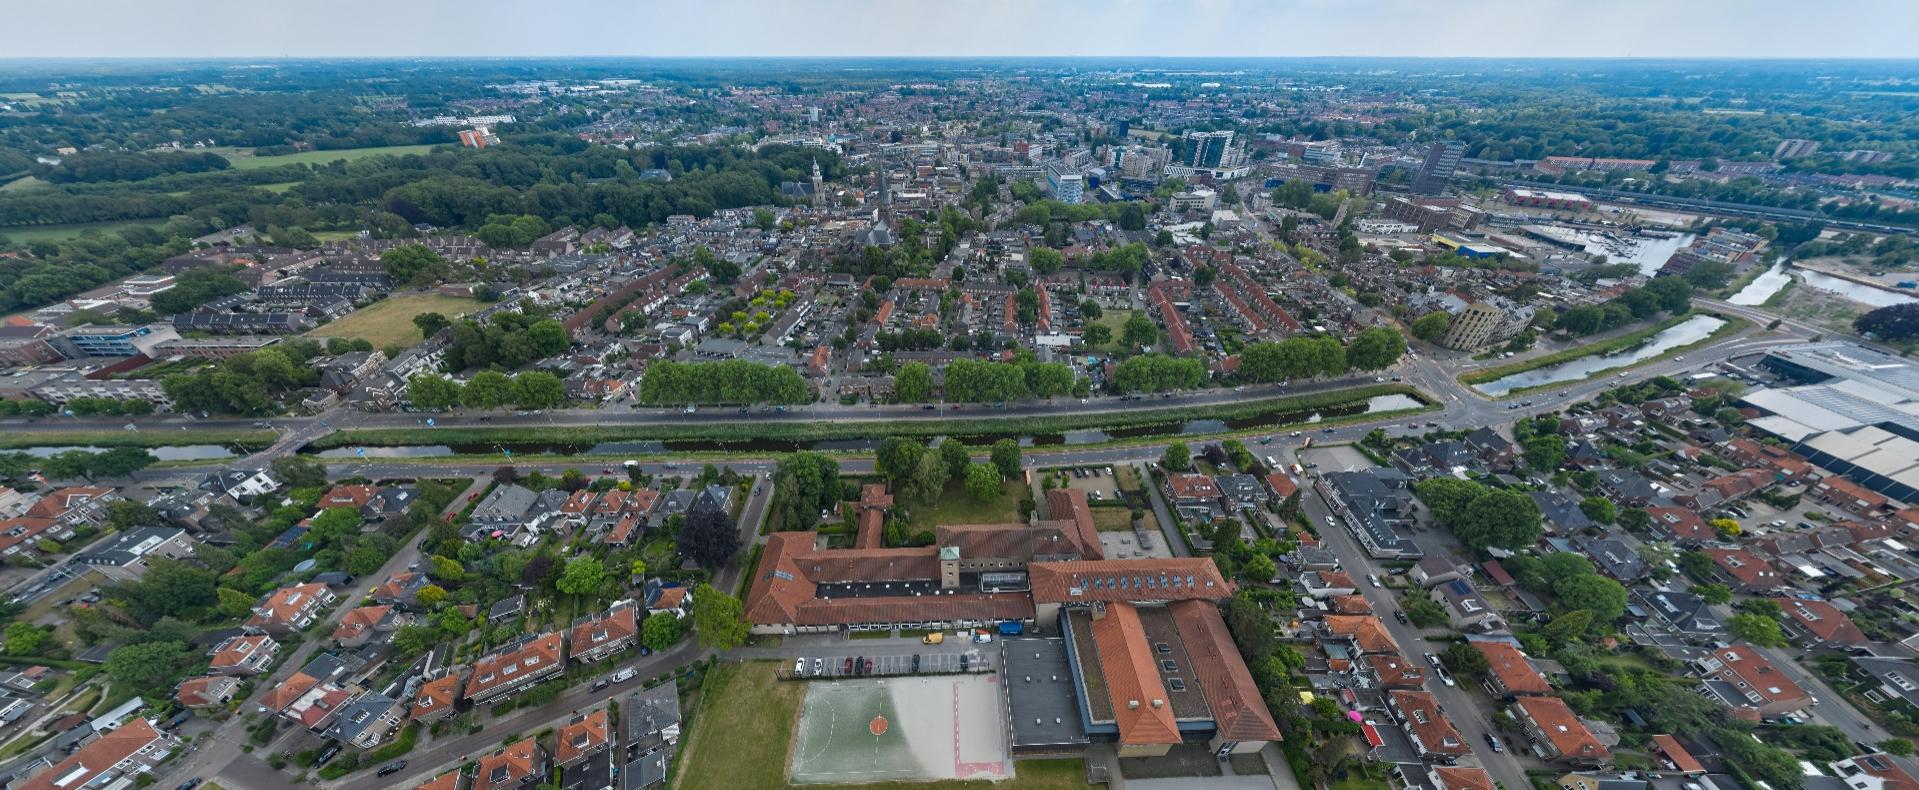 Je bekijkt nu Nieuw: Geo360 – Hoge resolutie drone obliek beelden in GIS